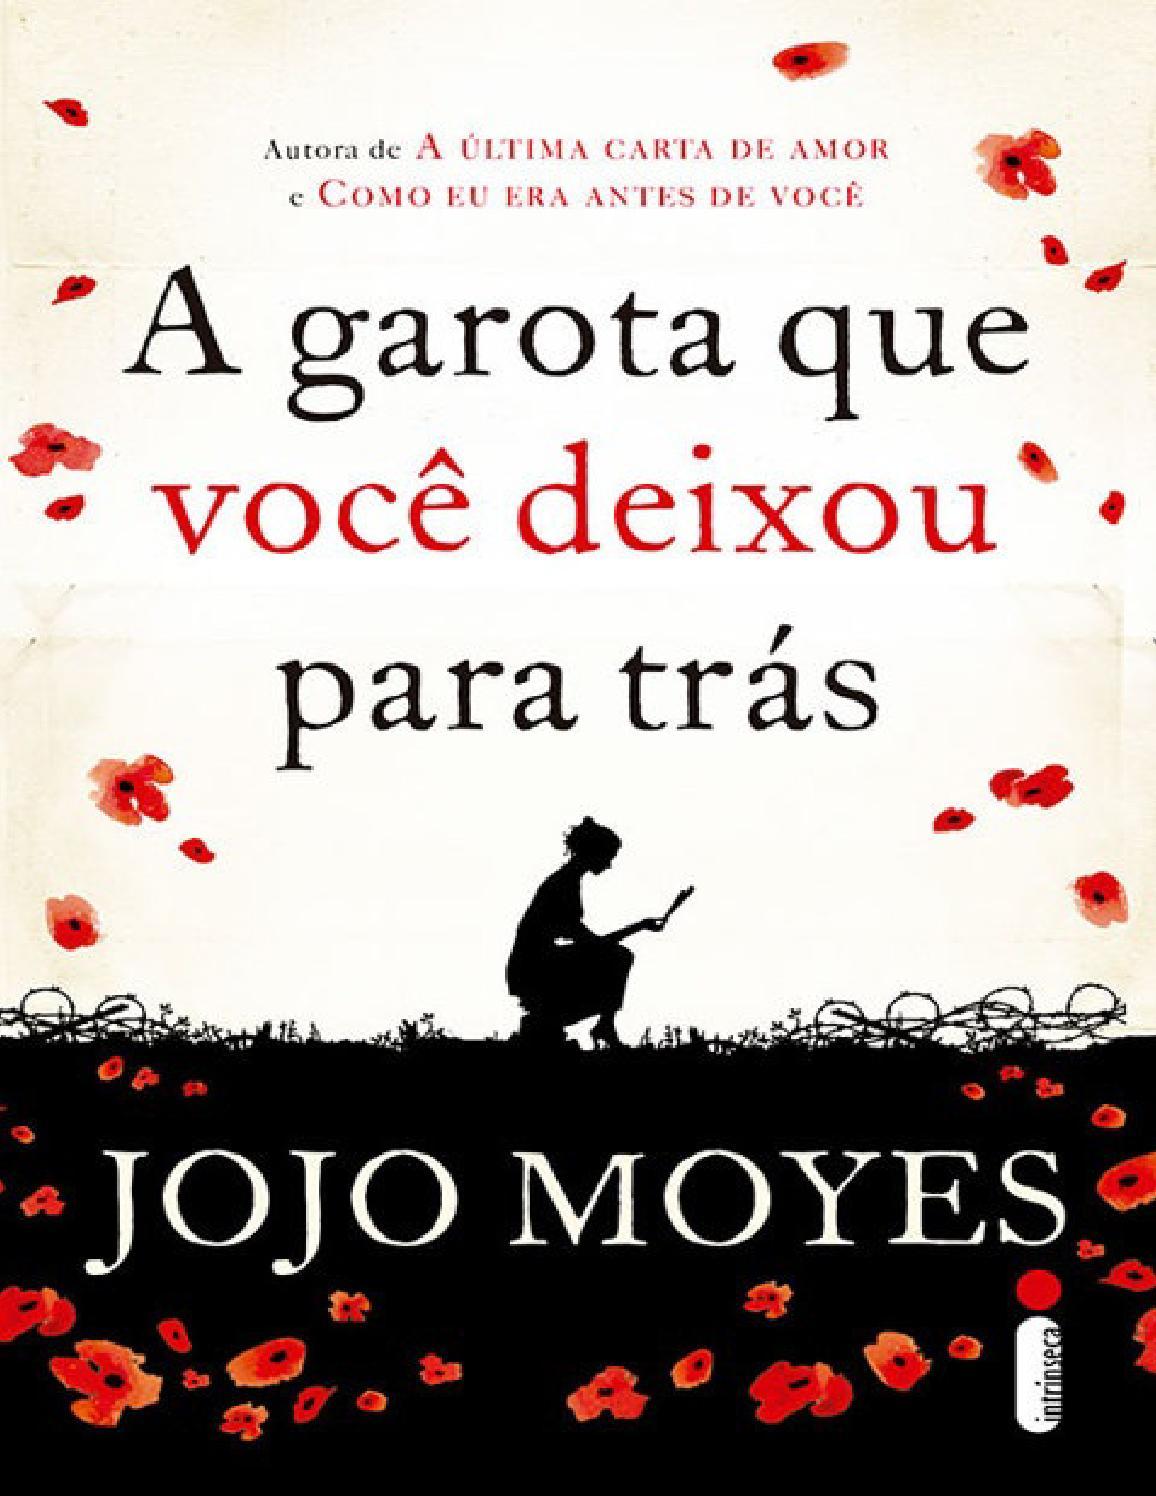 71f50e6d5c305 Jojo moyes a garota que voce deixou para trás by Juliana Delgado - issuu